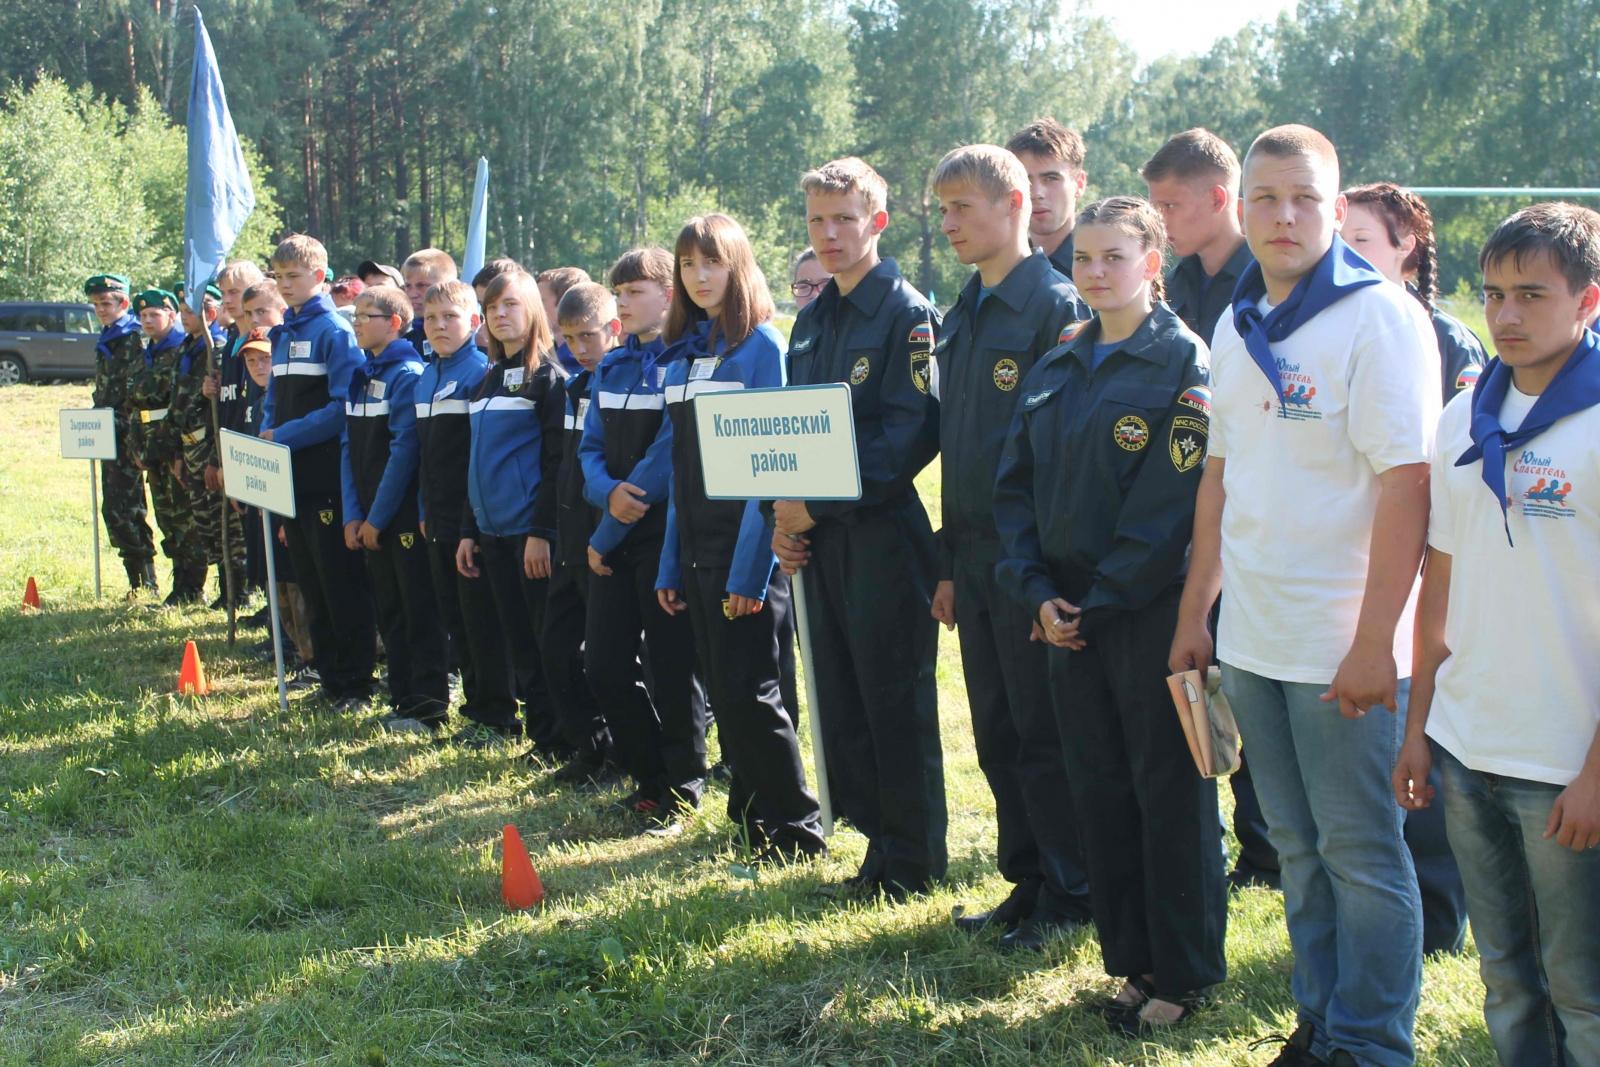 Соревнования среди обучающихся общеобразовательных учреждений Томской области «Школа безопасности – 2015», 18-21 июня 2015 года